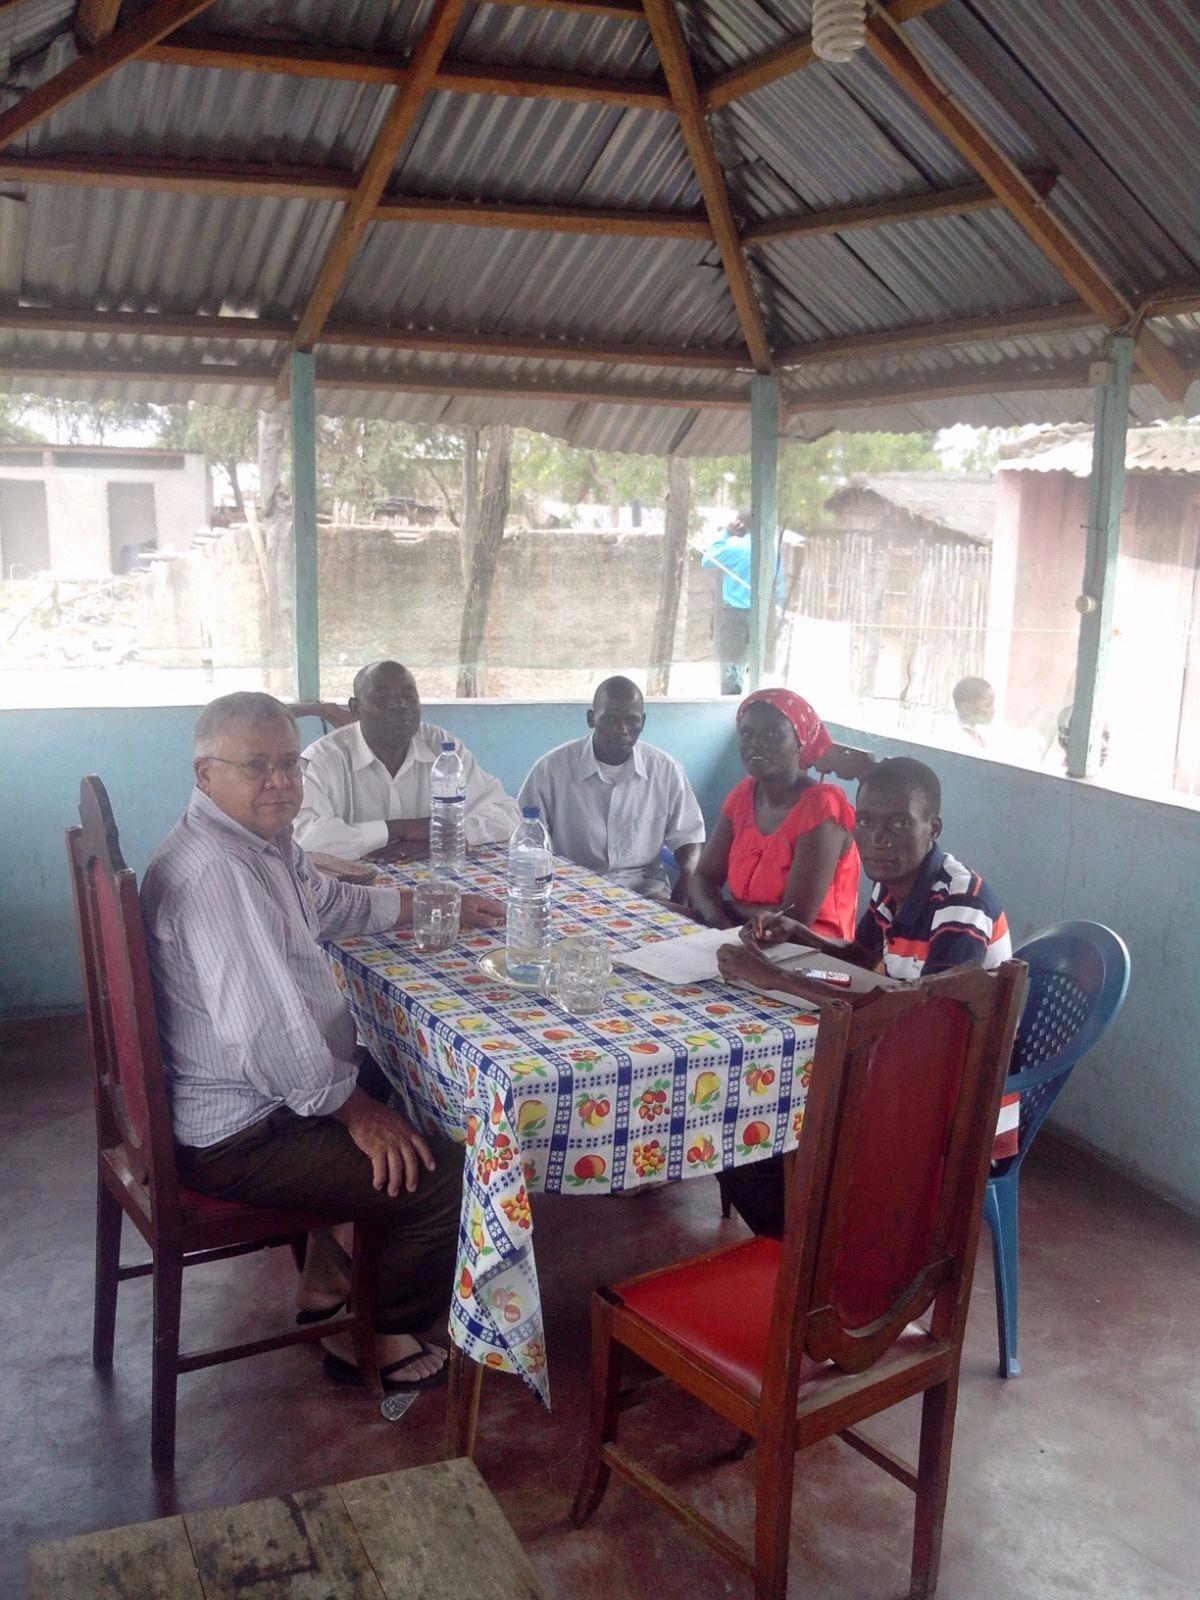 Nesta humilde mesa você não vê um banquete, mas impossível não notar o semblante feliz e acolhedor desses irmãos.